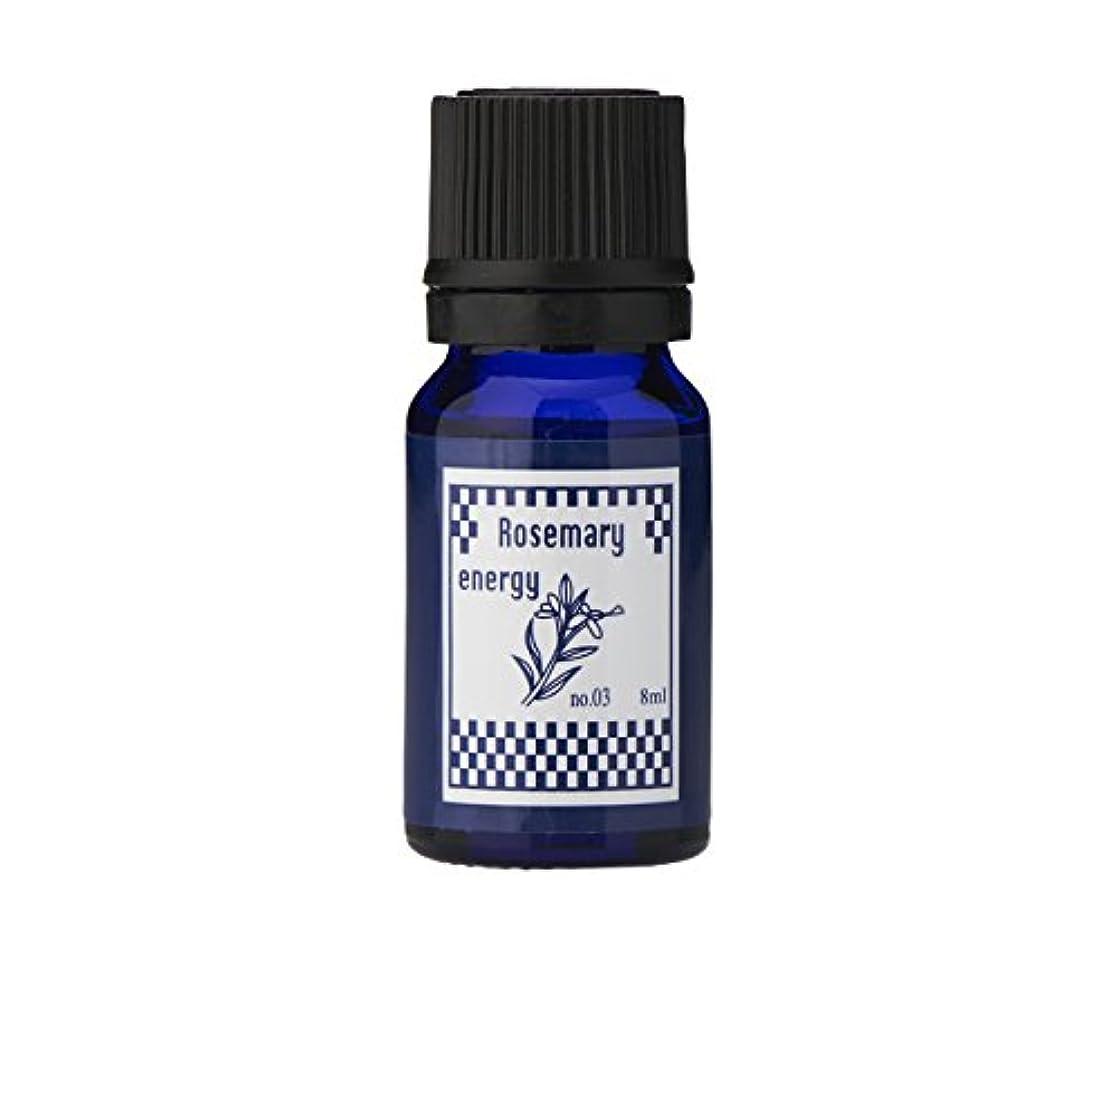 バン率直なゾーンブルーラベル アロマエッセンス8ml ローズマリー(アロマオイル 調合香料 芳香用)